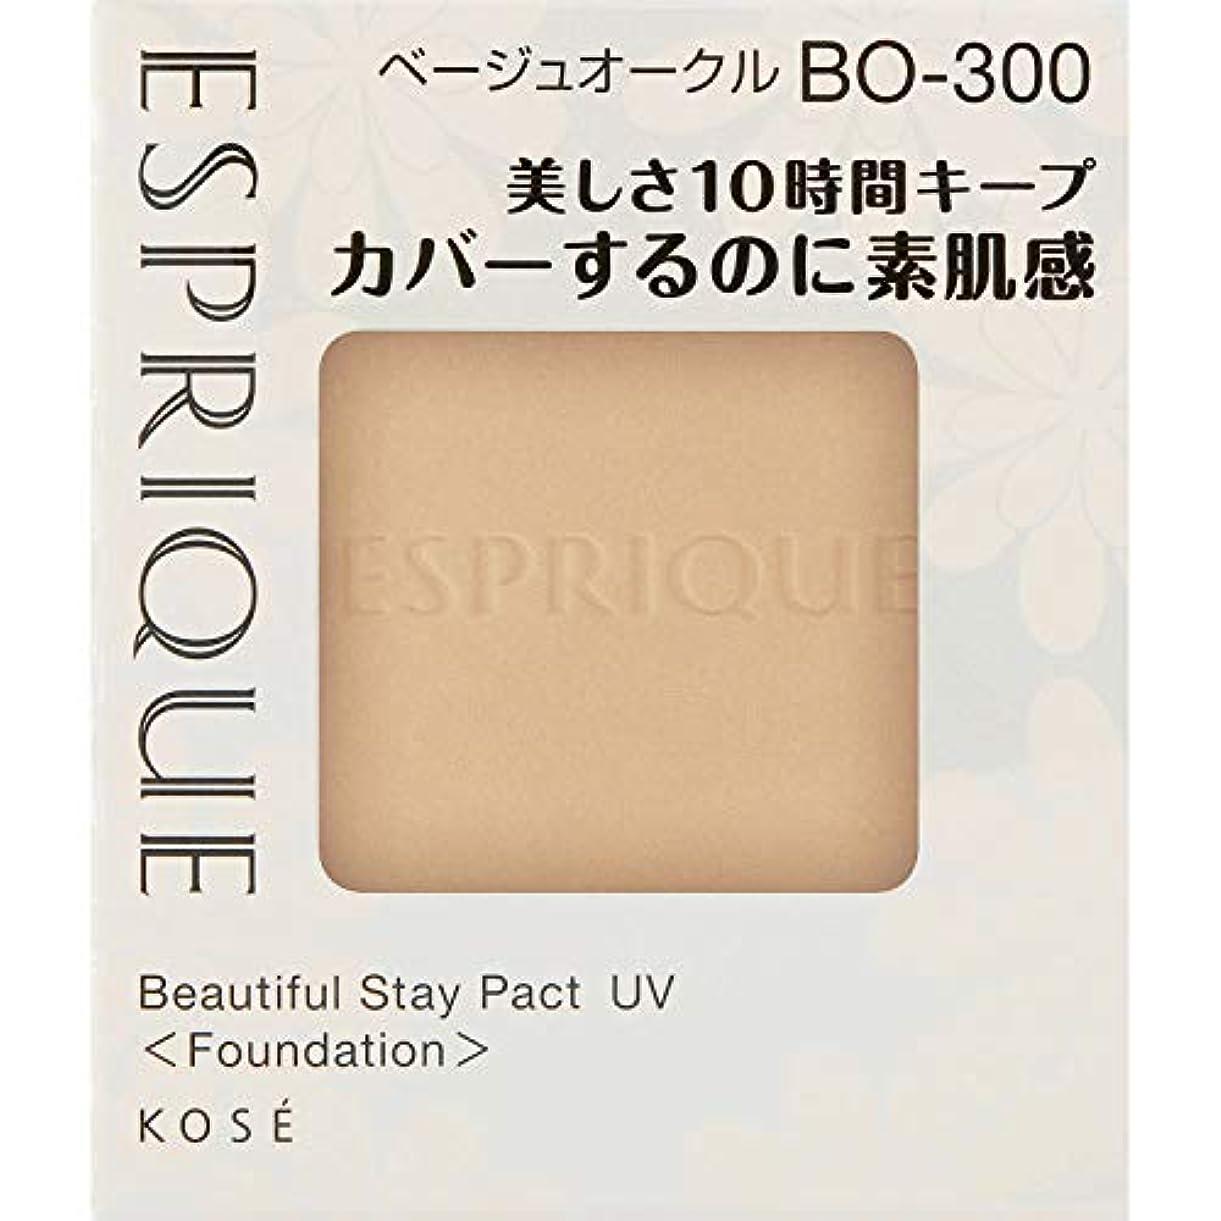 原油添加剤空のエスプリーク カバーするのに素肌感持続 パクト UV BO-300 ベージュオークル 9.3g